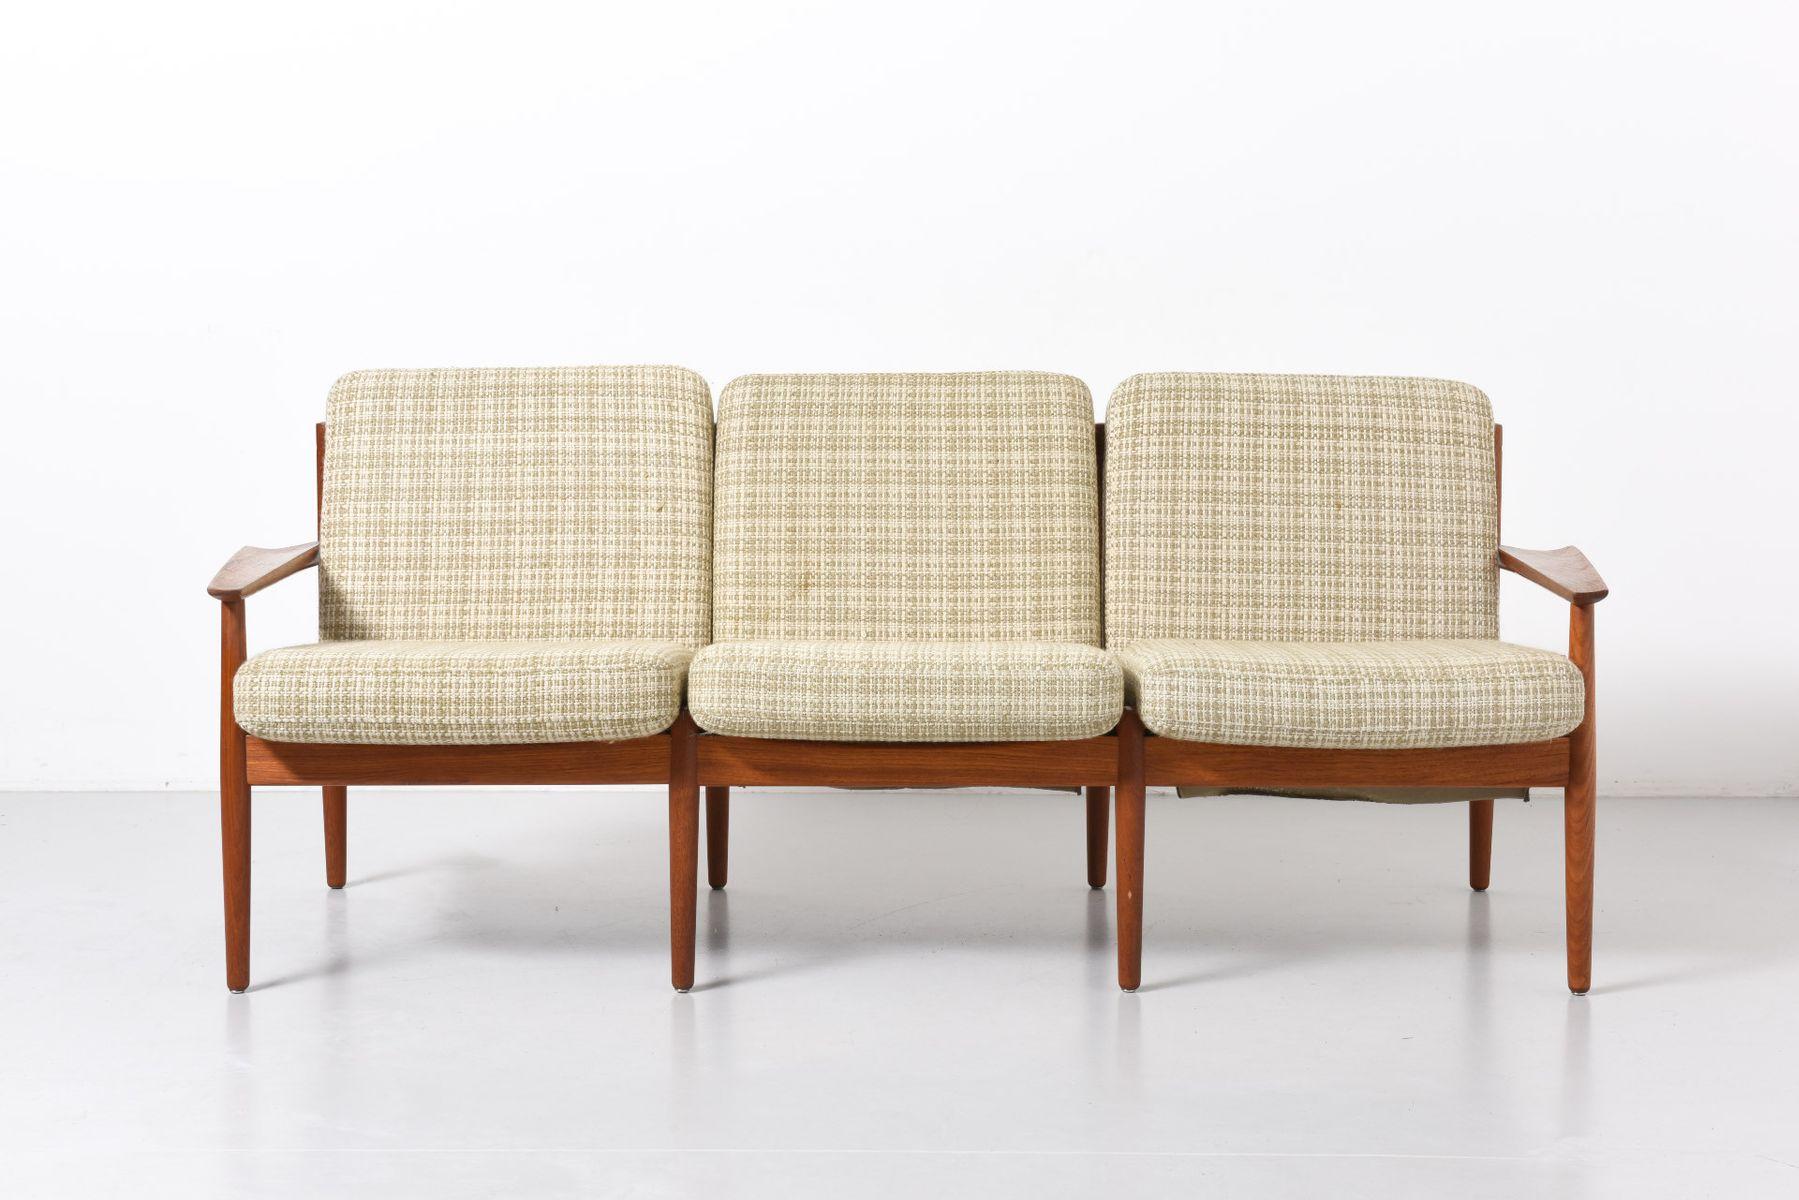 Danish Three Seater Sofa by Arne Vodder for Glostrup M¸belfabrik